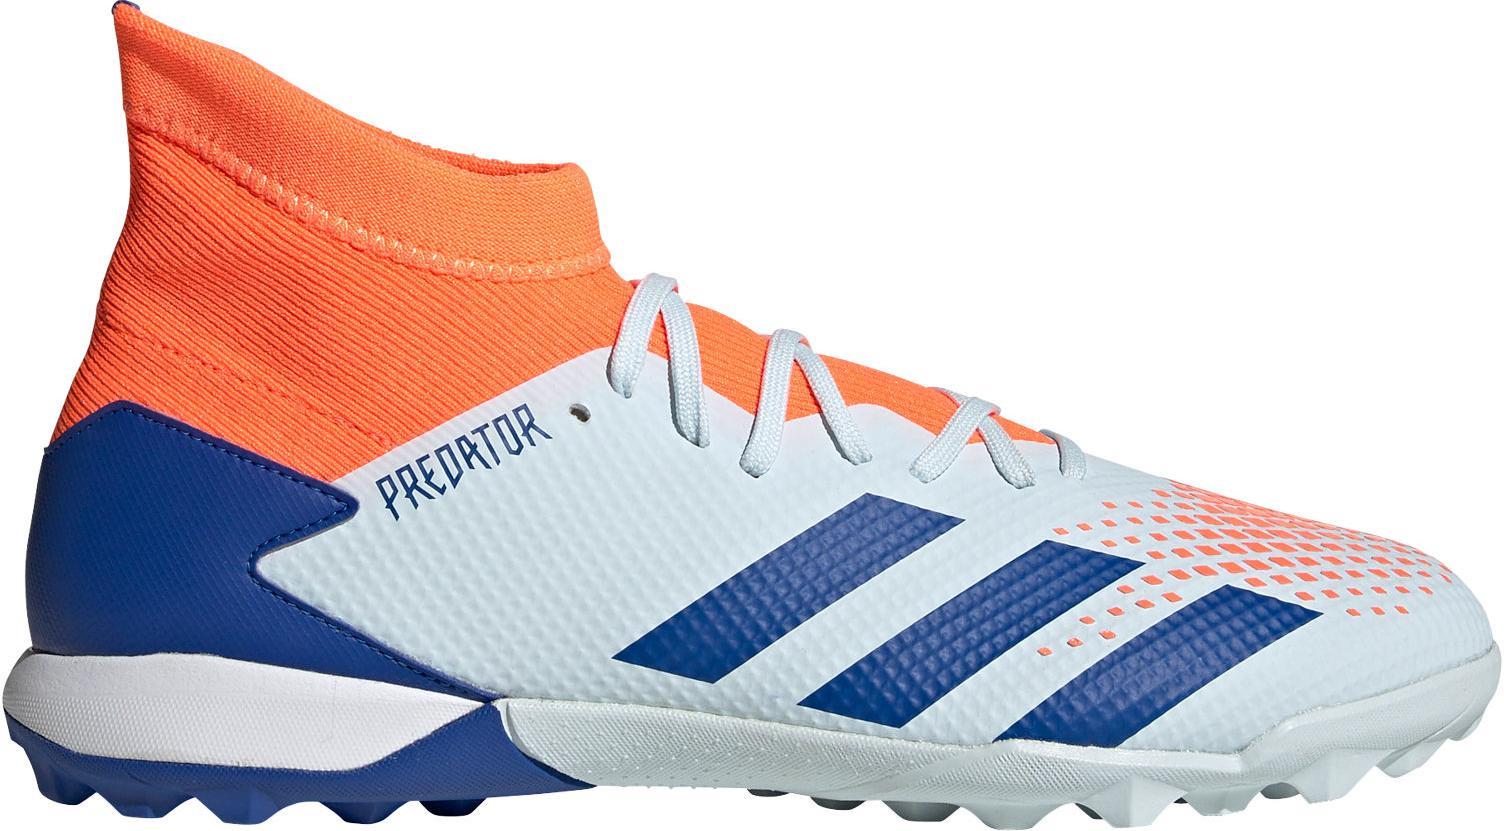 Kopačky adidas PREDATOR 20.3 TF modrá